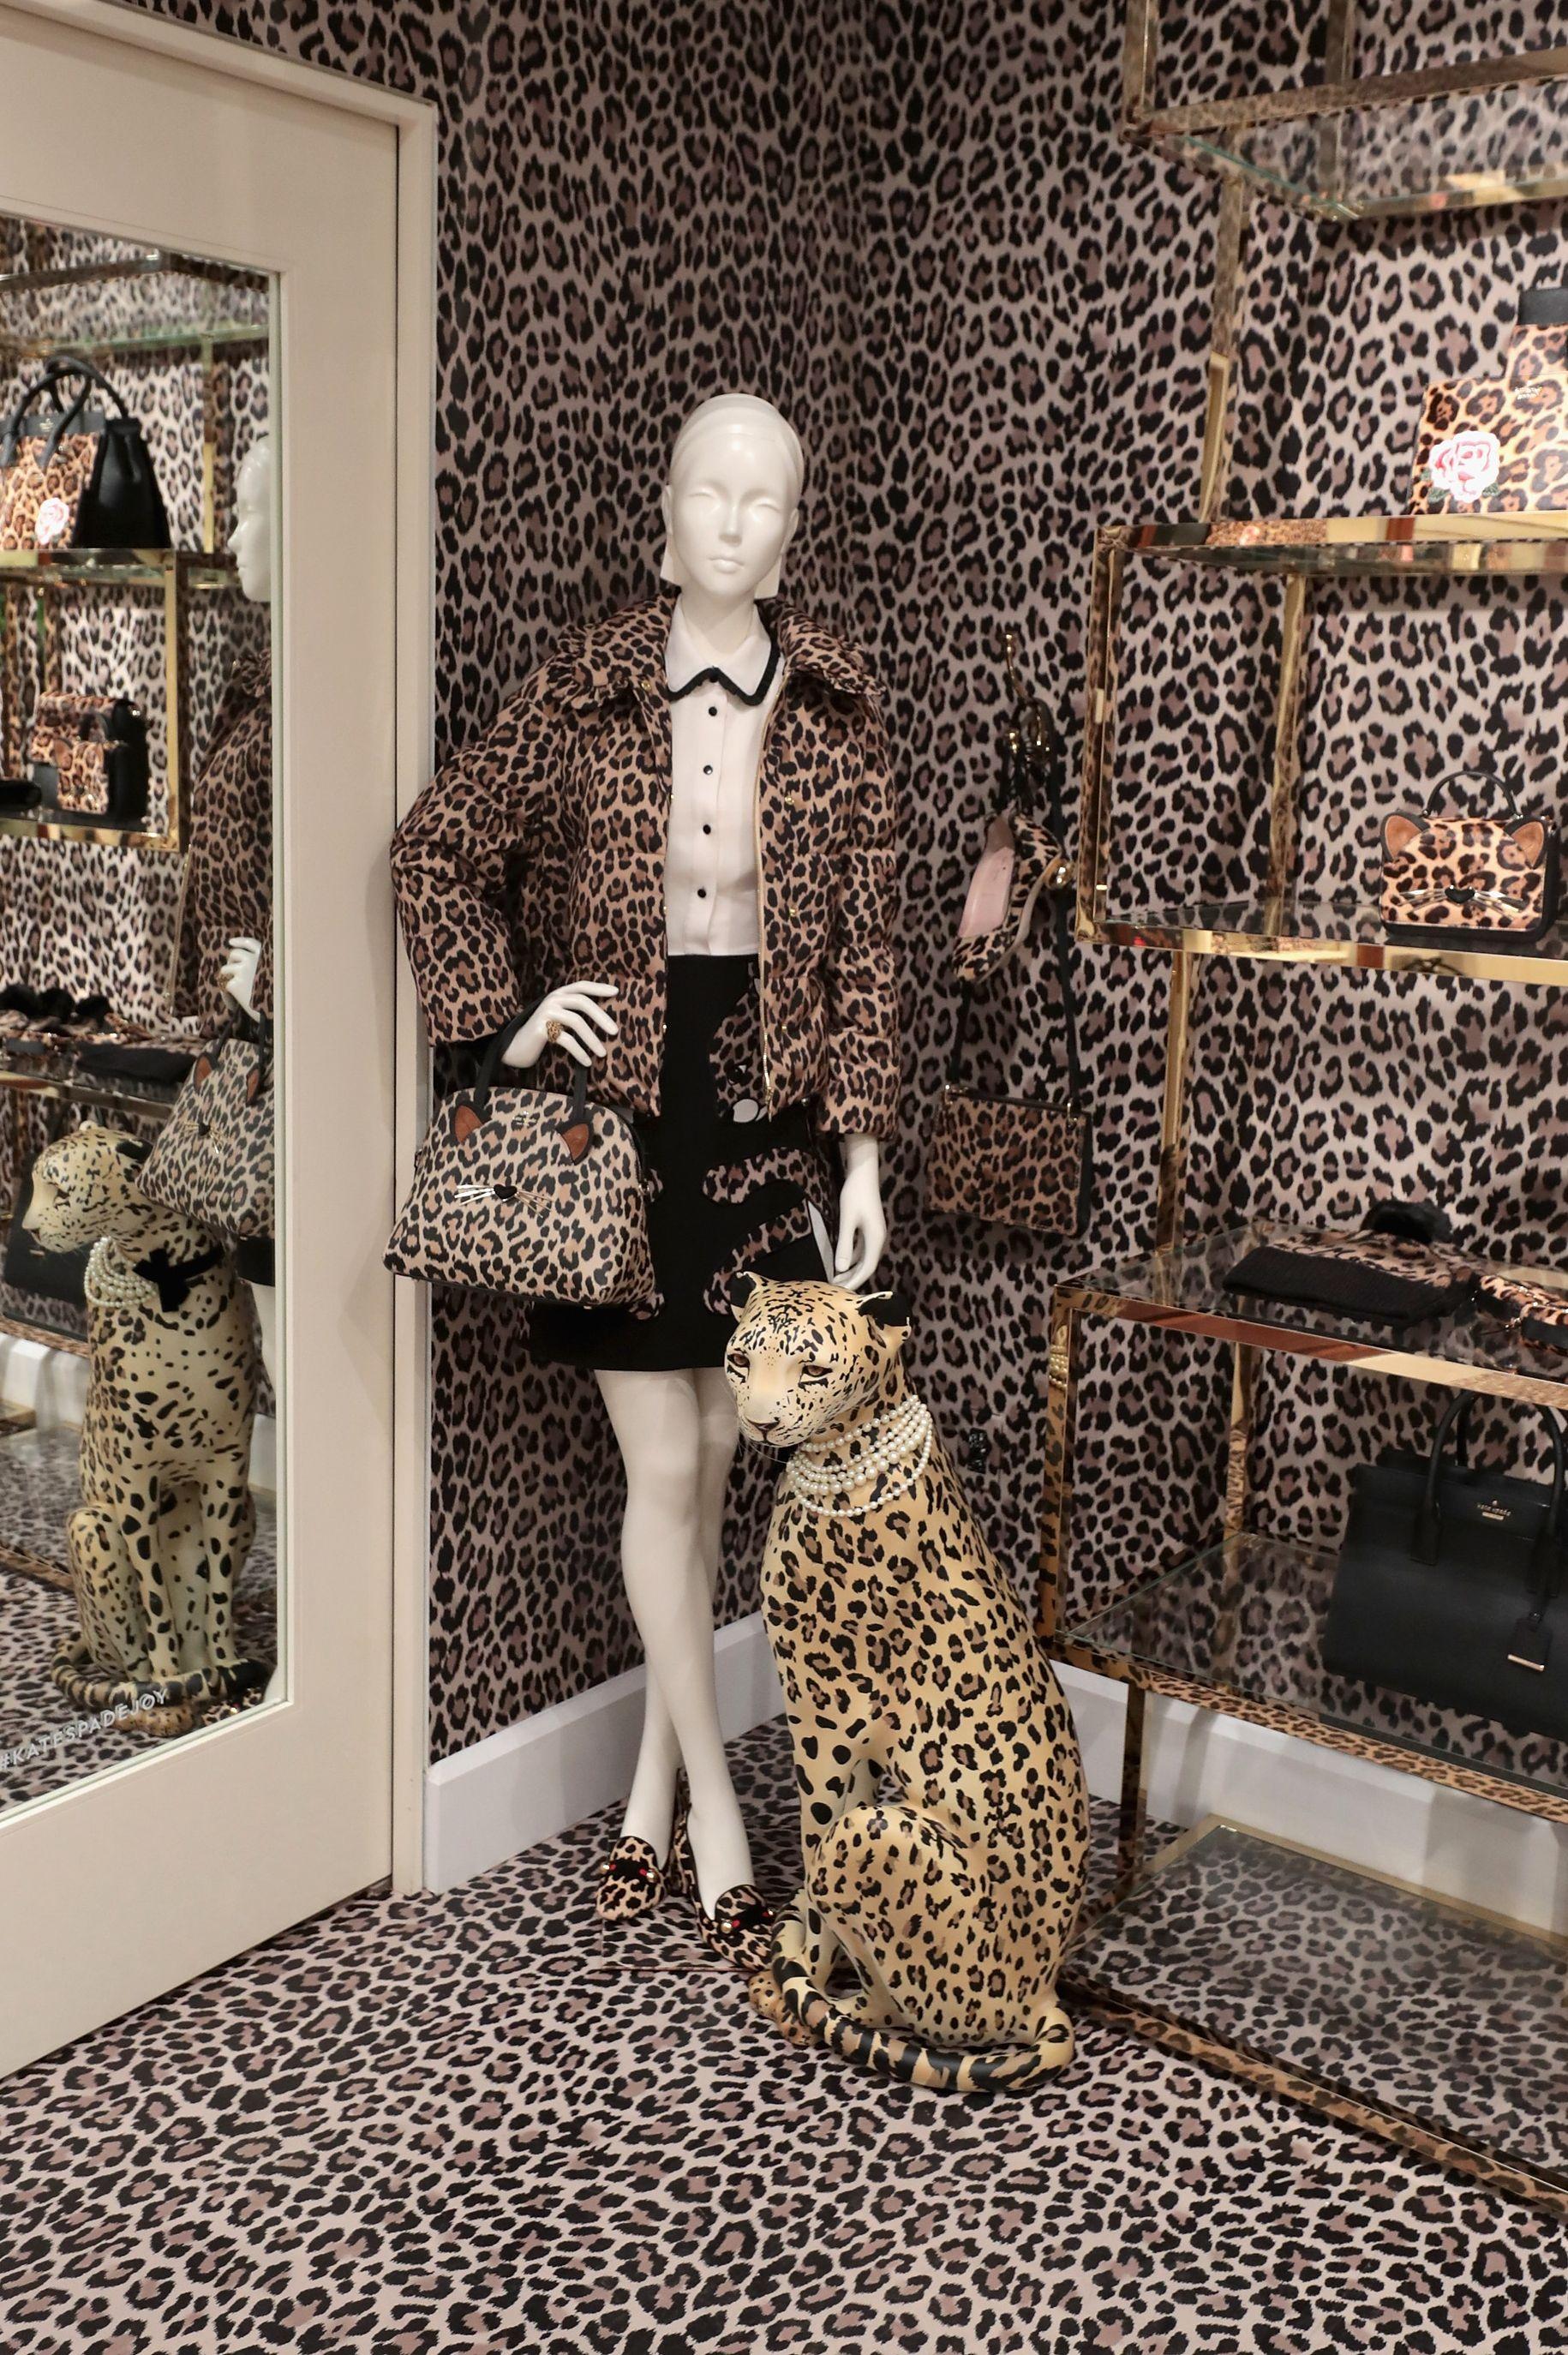 The leopard pop-up shop.